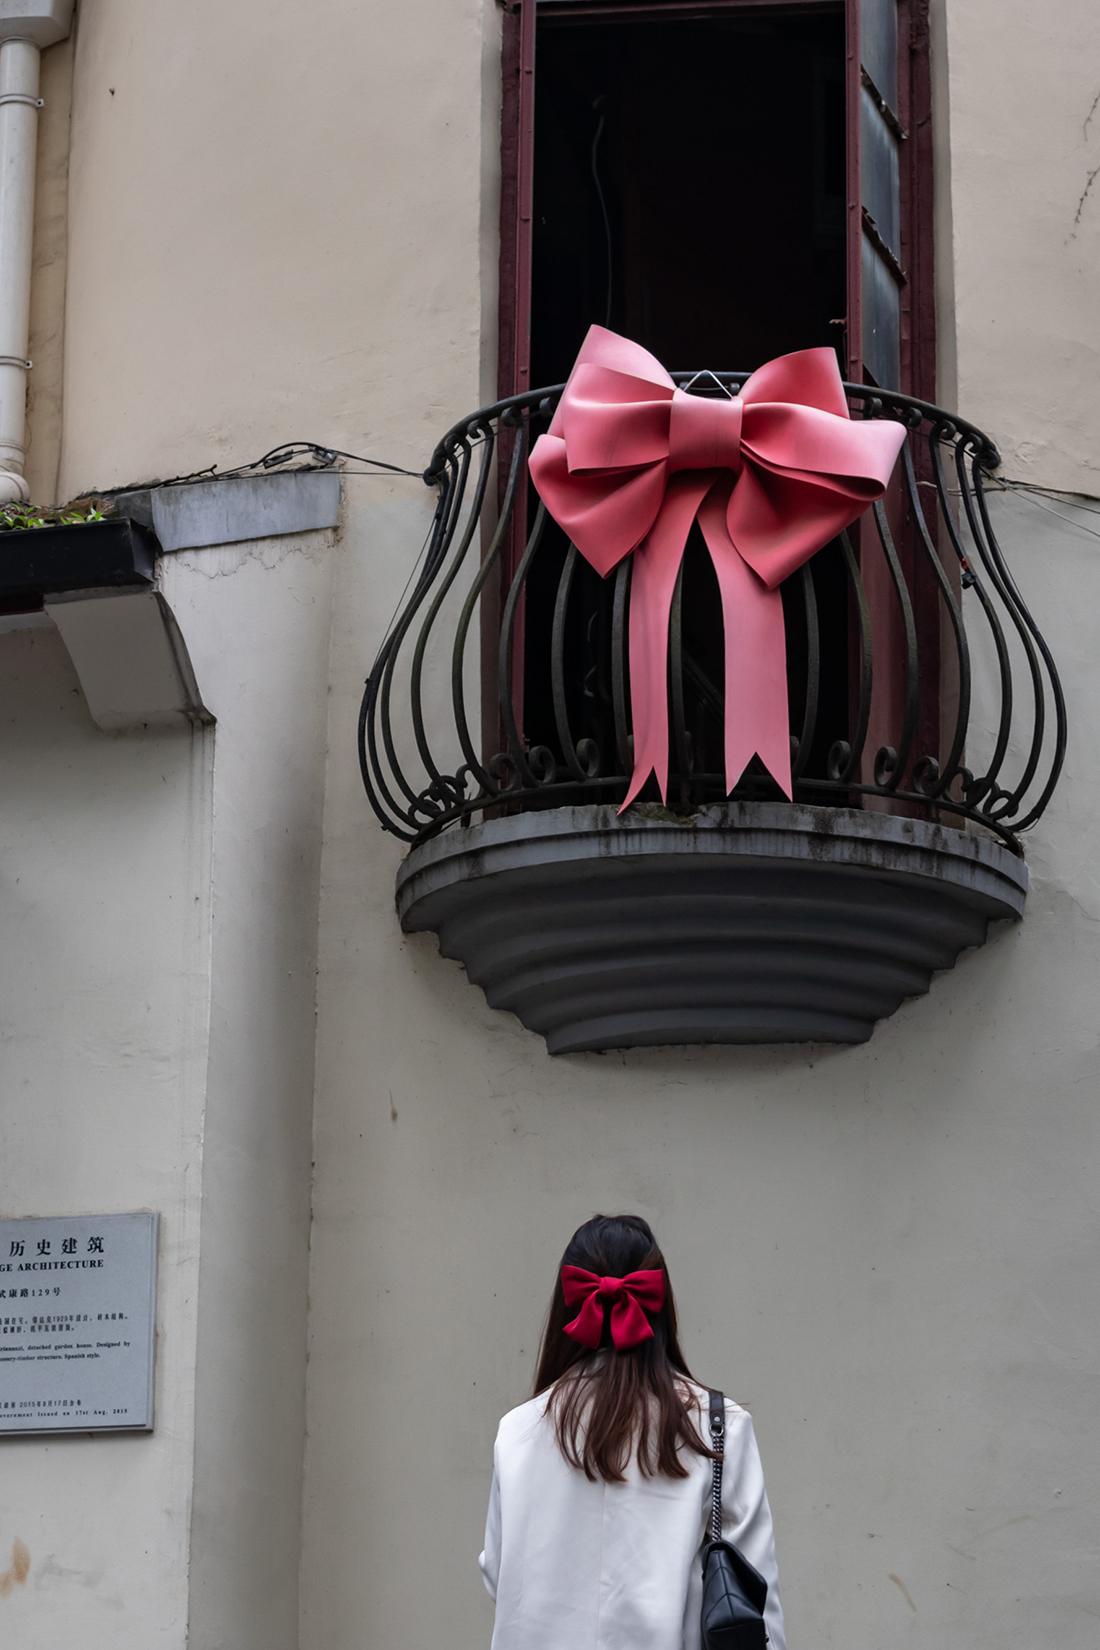 """近日,上海武康路上装饰着粉色蝴蝶结的阳台火了。此前,一位老奶奶在该阳台上向下打招呼的短视频在网络上走红。""""蝴蝶结阳台""""突然成为众多游客与市民的打卡地,不仅扰乱了奶奶的正常生活,也对周边居民造成困扰,居民呼吁,打卡不要影响他人的正常生活。目前,奶奶已被家人接走,蝴蝶结也已卸下了。"""